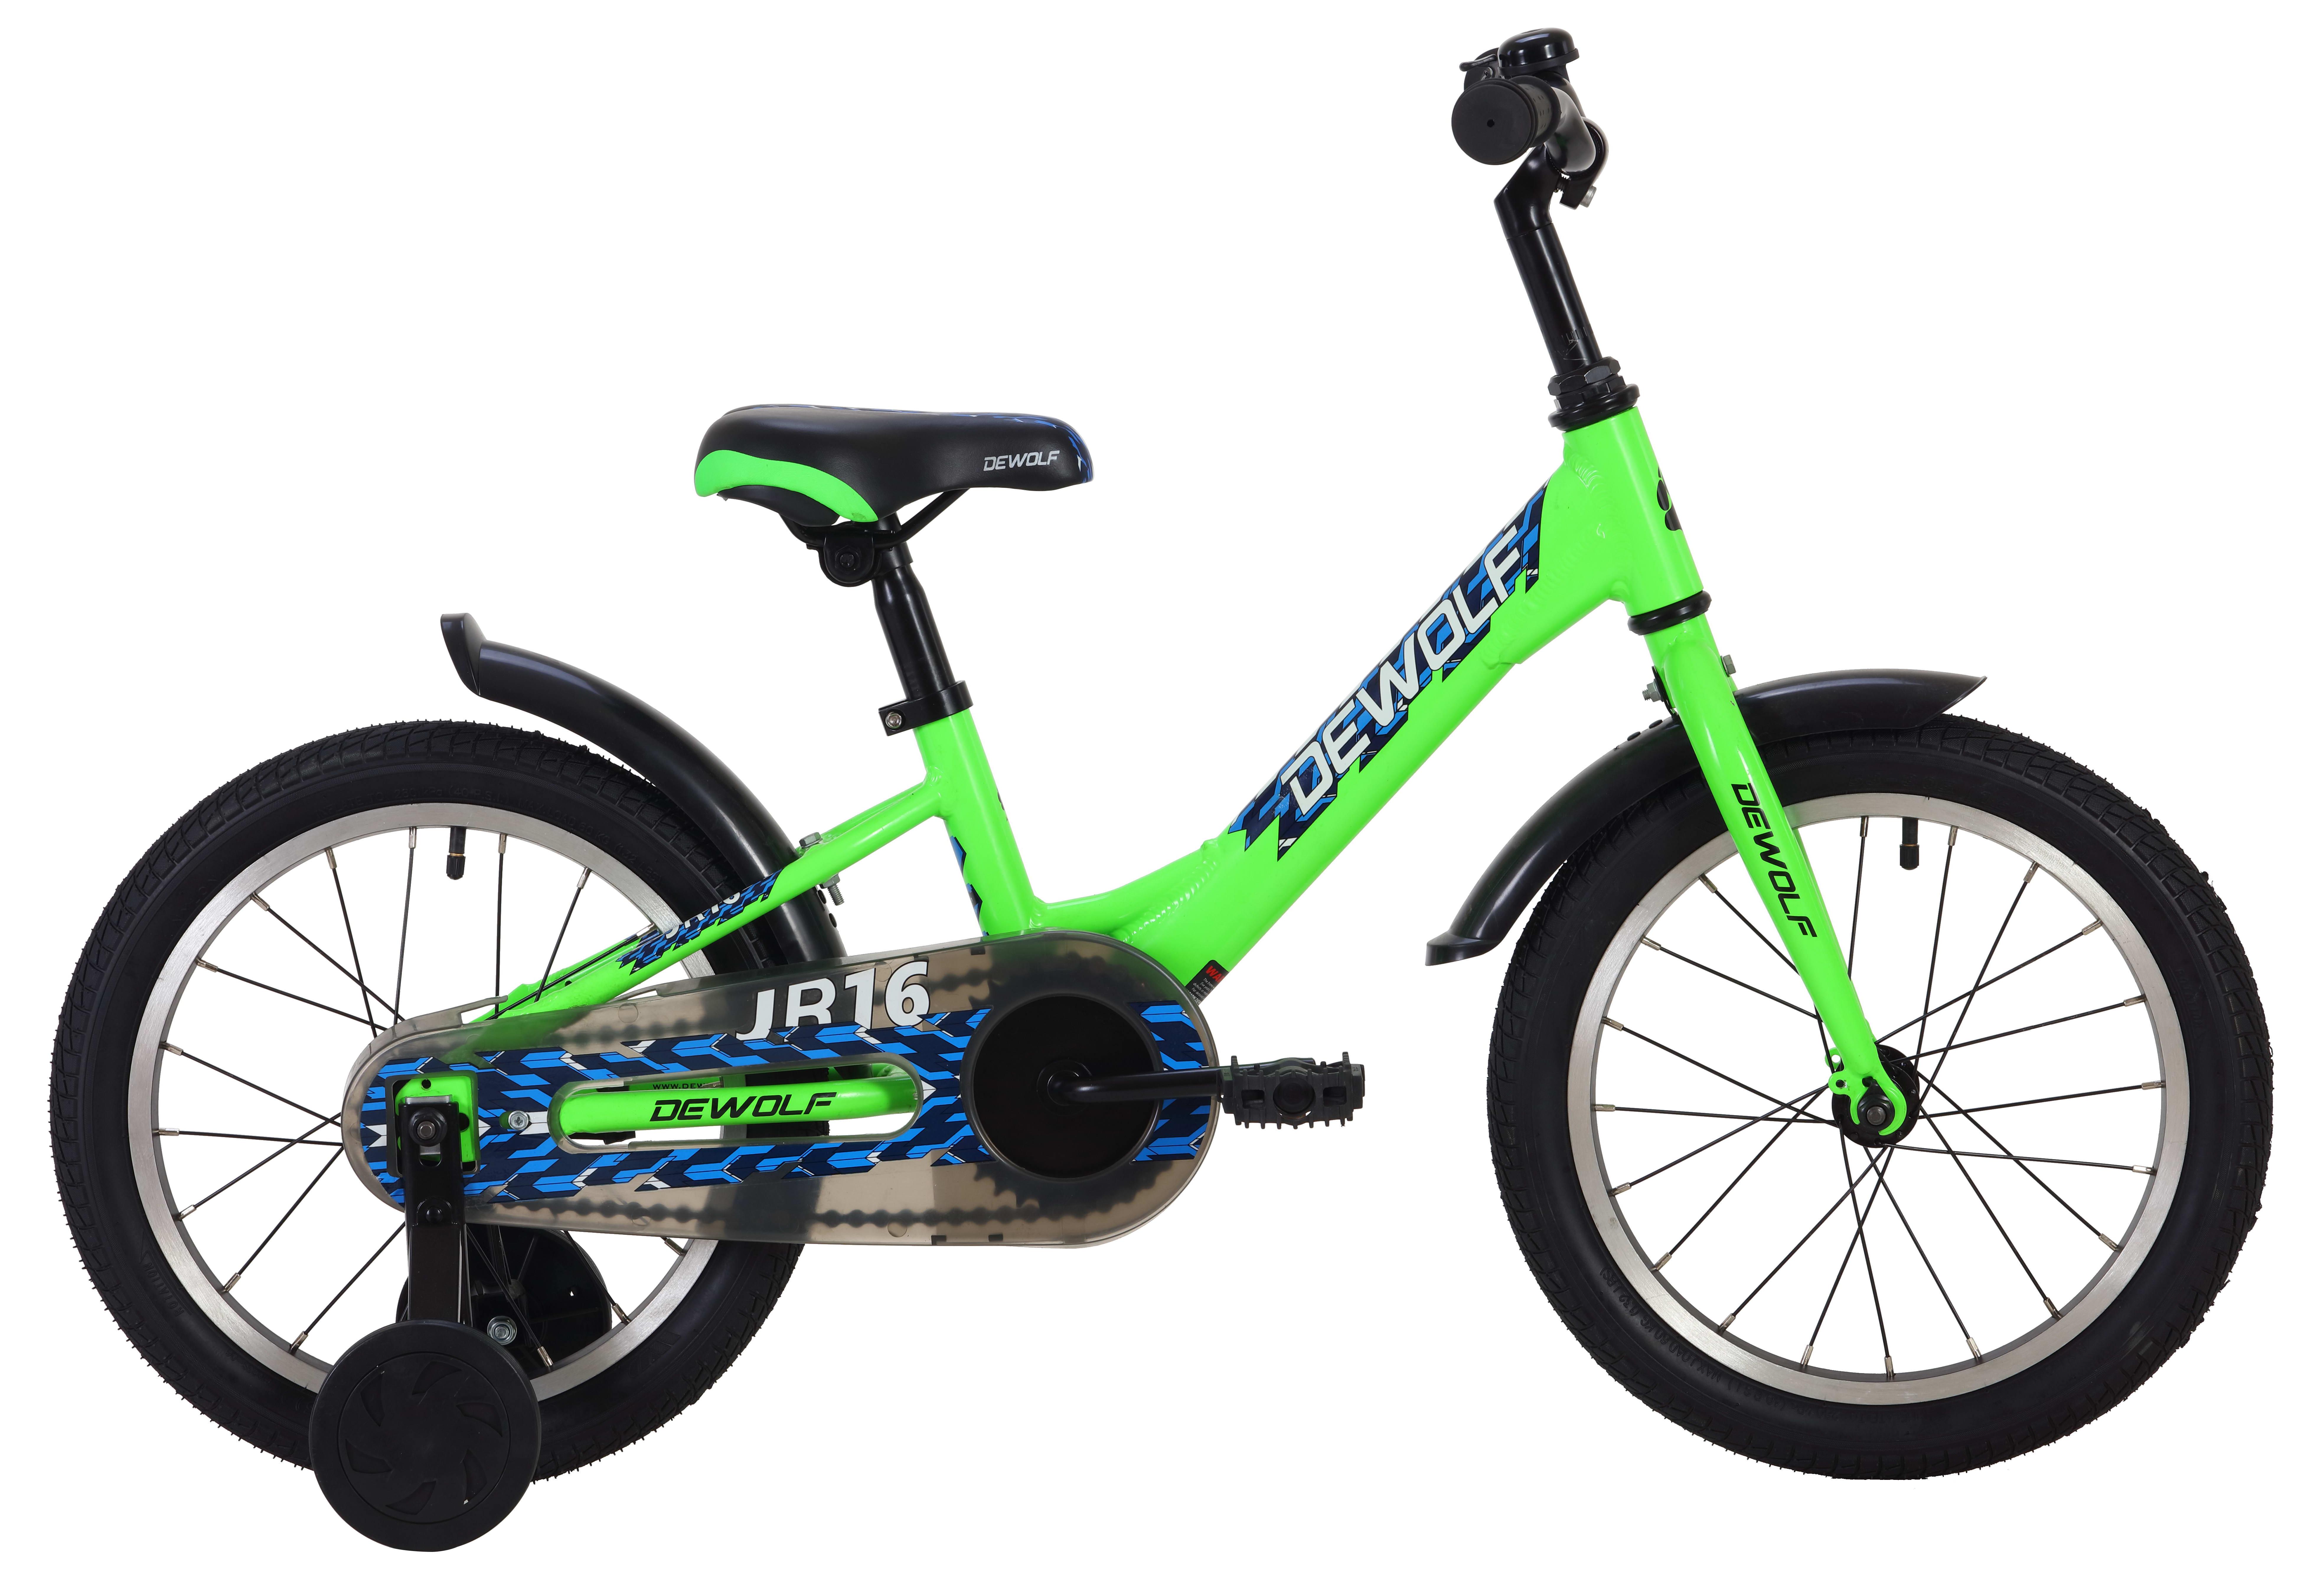 купить Велосипед Dewolf JR 16 Boy 2019 по цене 10500 рублей